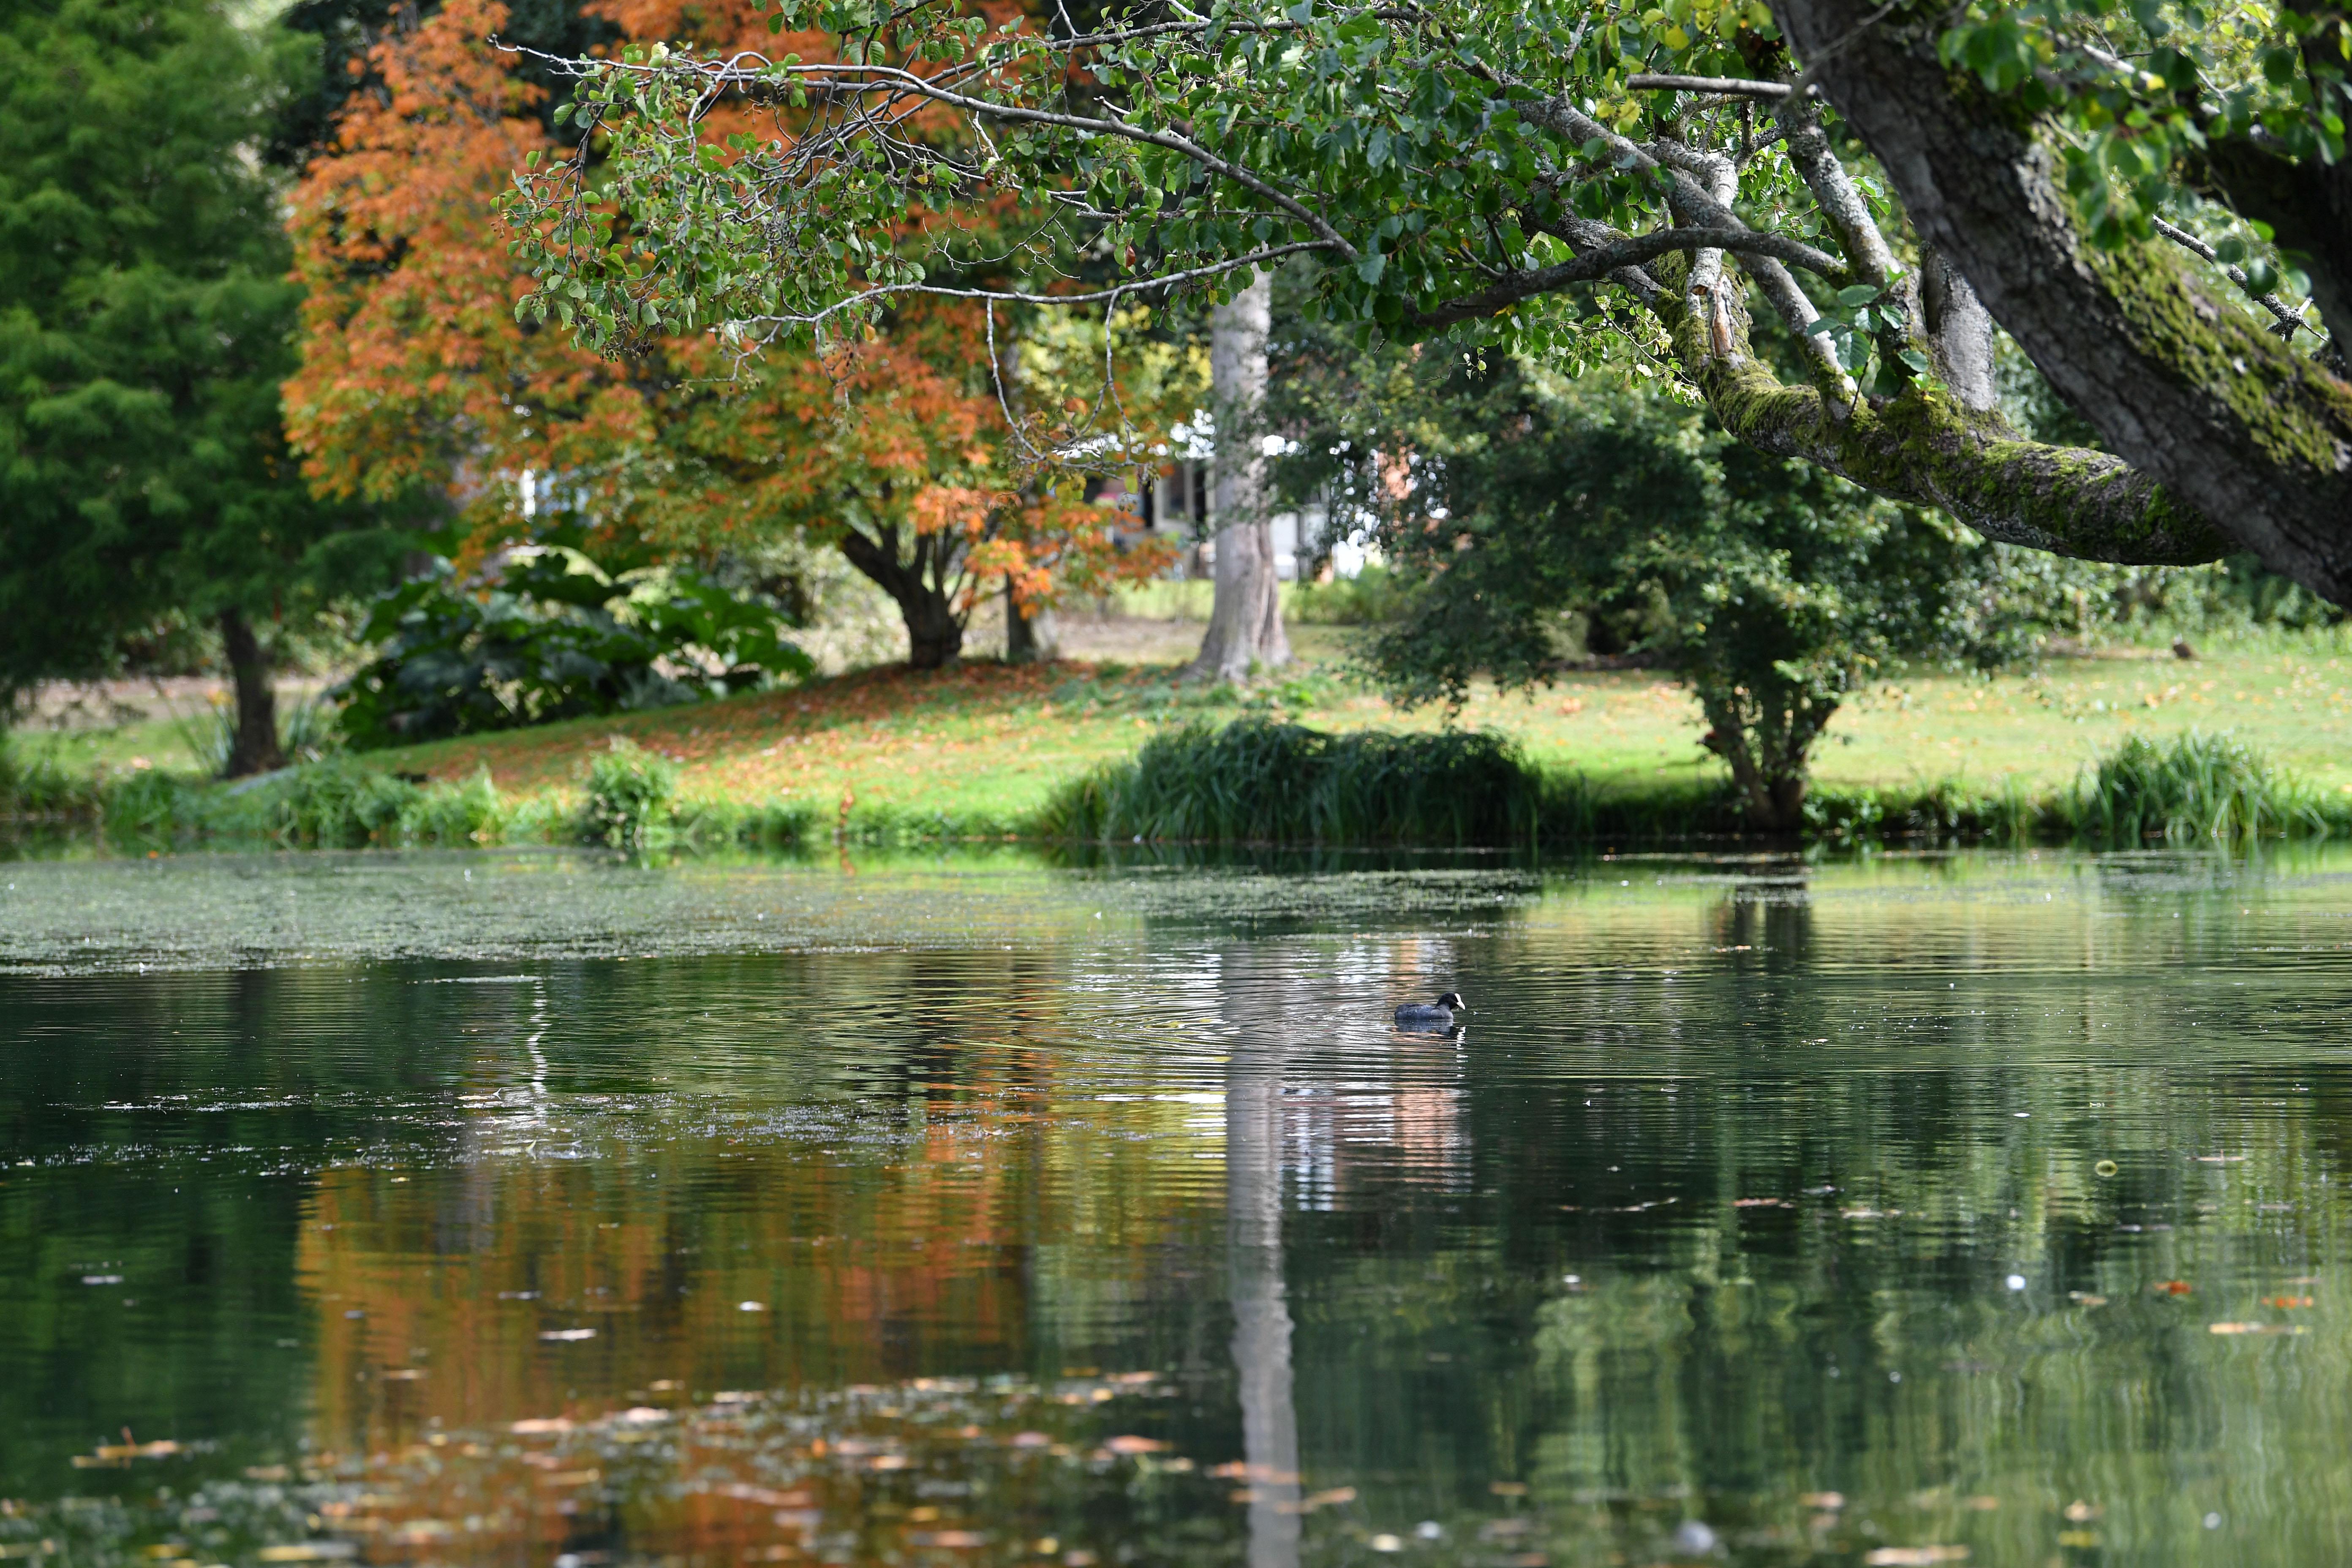 Autumn Day, Darren Pepe